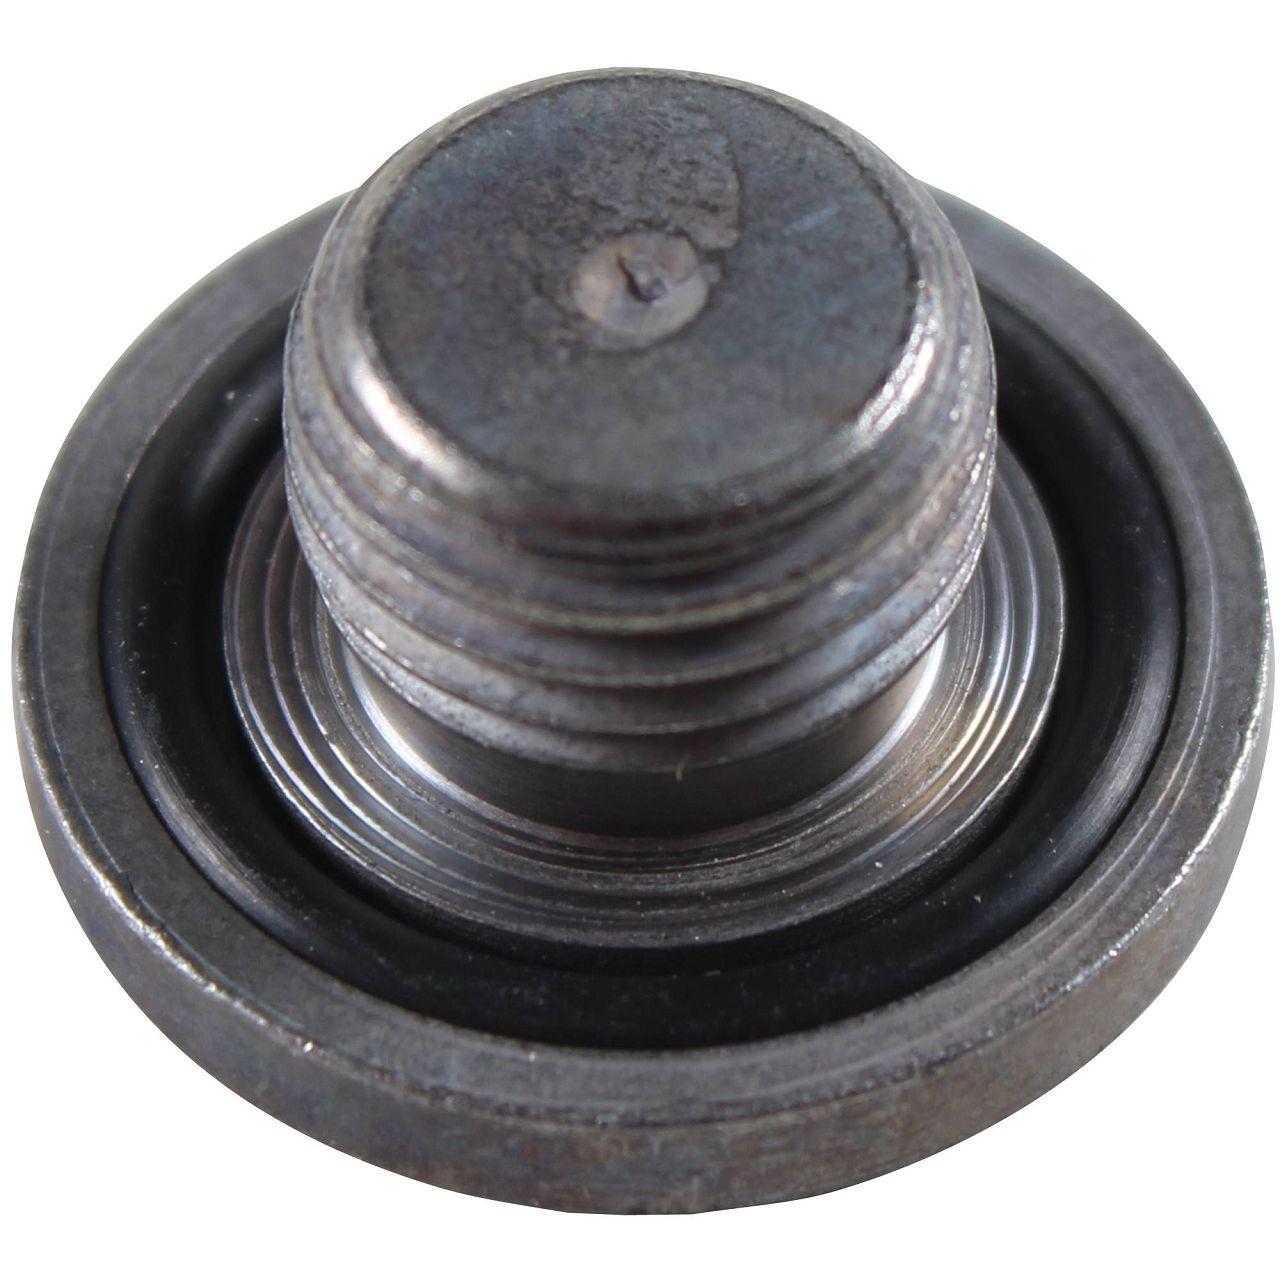 Ölablassschraube Verschlussschraube + Dichtring M14x1,5 für CHEVROLET OPEL SAAB